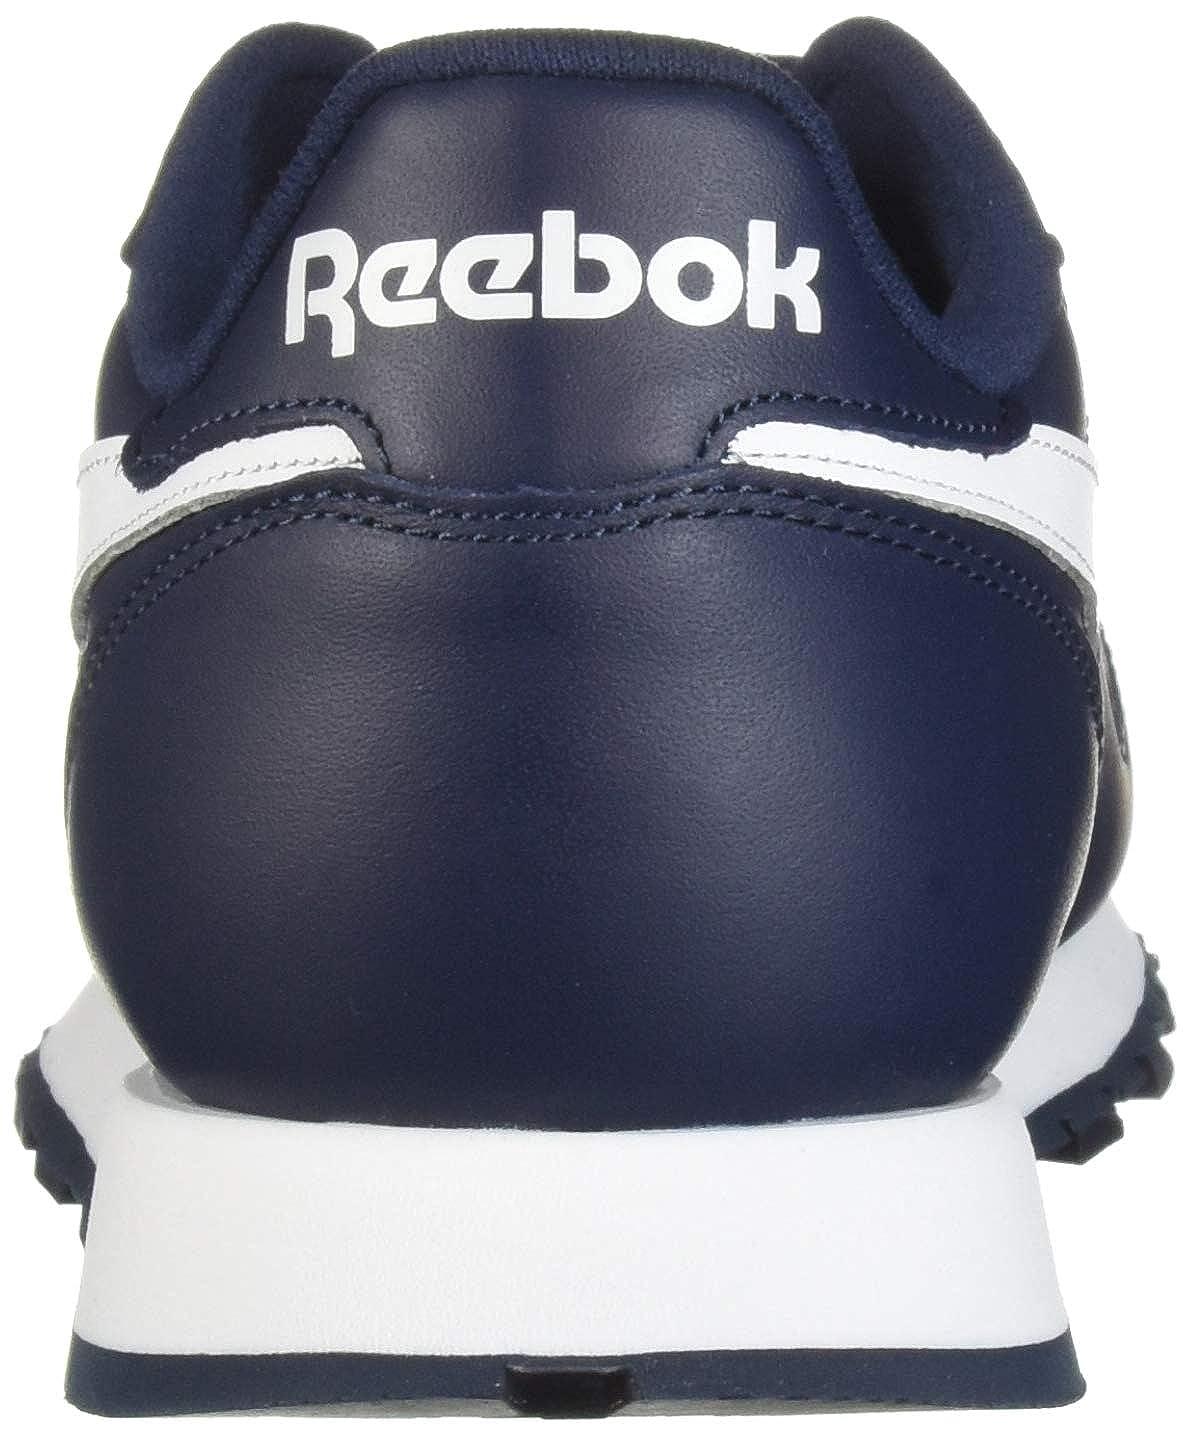 Reebok Reebok Reebok - Klassiches Leder Herren B07CNXTVPG 1c00d1